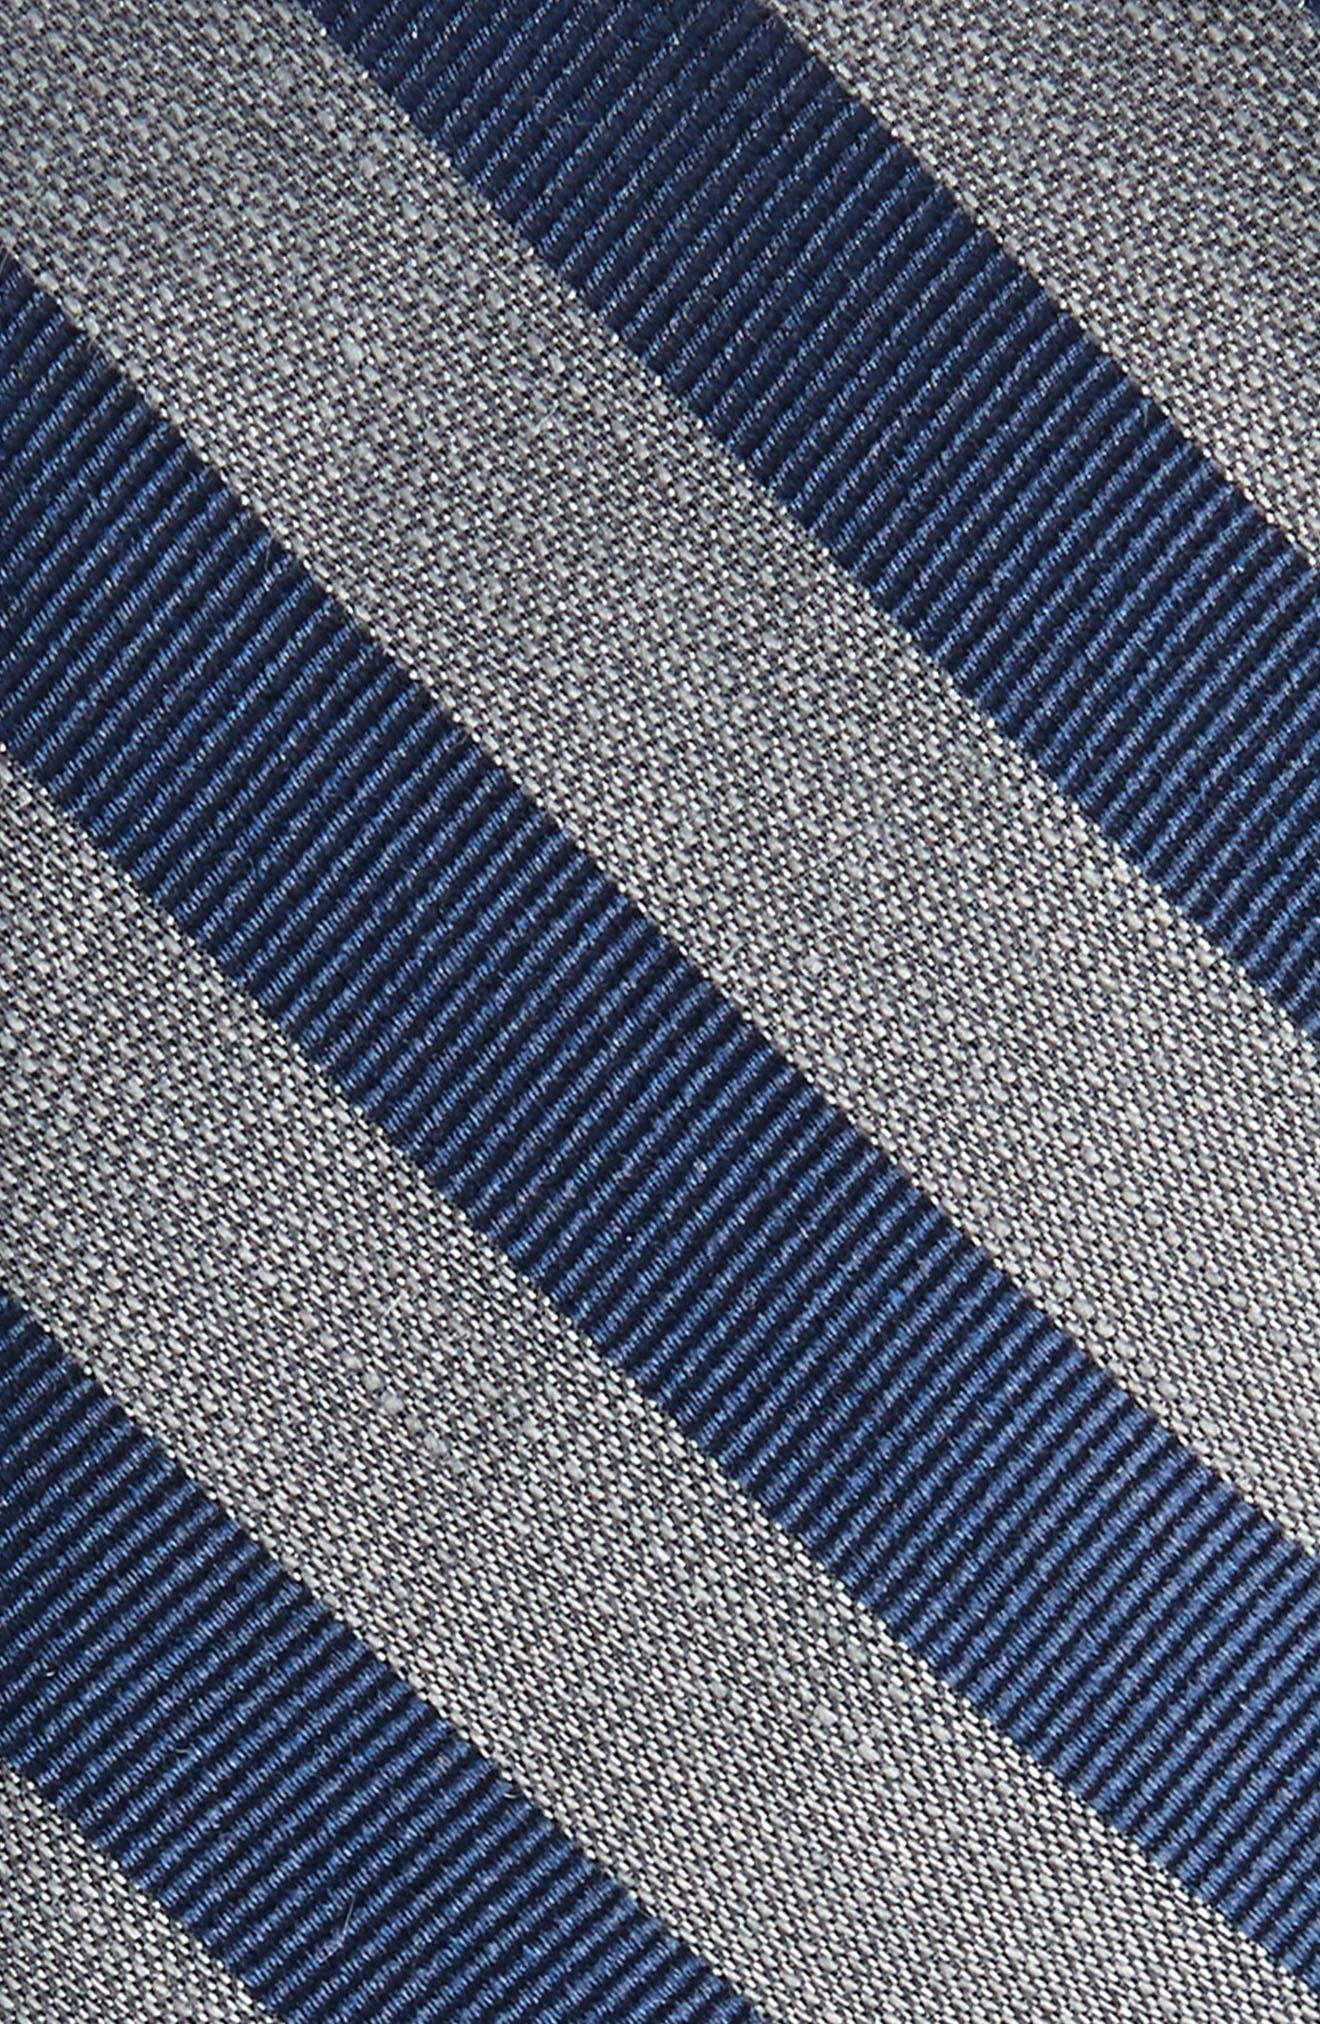 Lumber Stripe Silk & Linen Tie,                             Alternate thumbnail 2, color,                             030